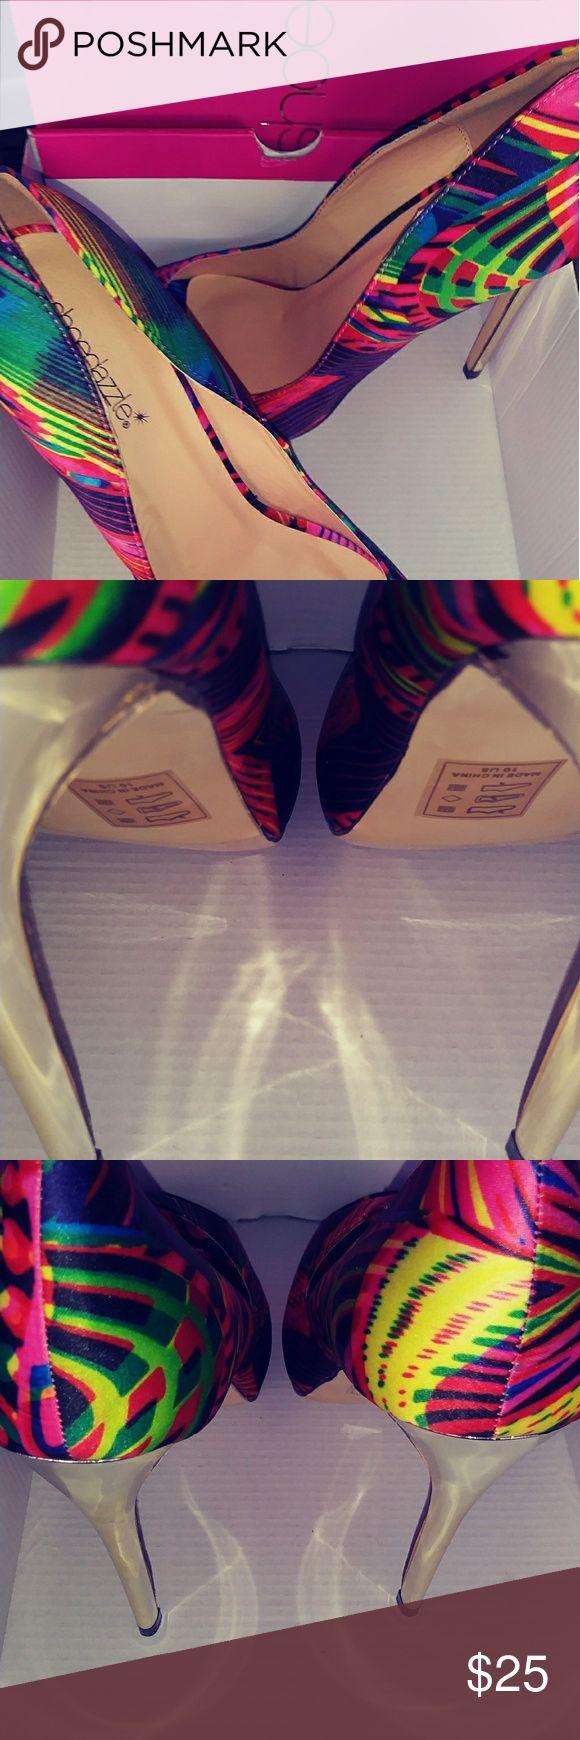 Shoedazzle womens high heels Beautiful shoe dazzle womens multi color high heels in size 10 new in box Shoe Dazzle Shoes Heels